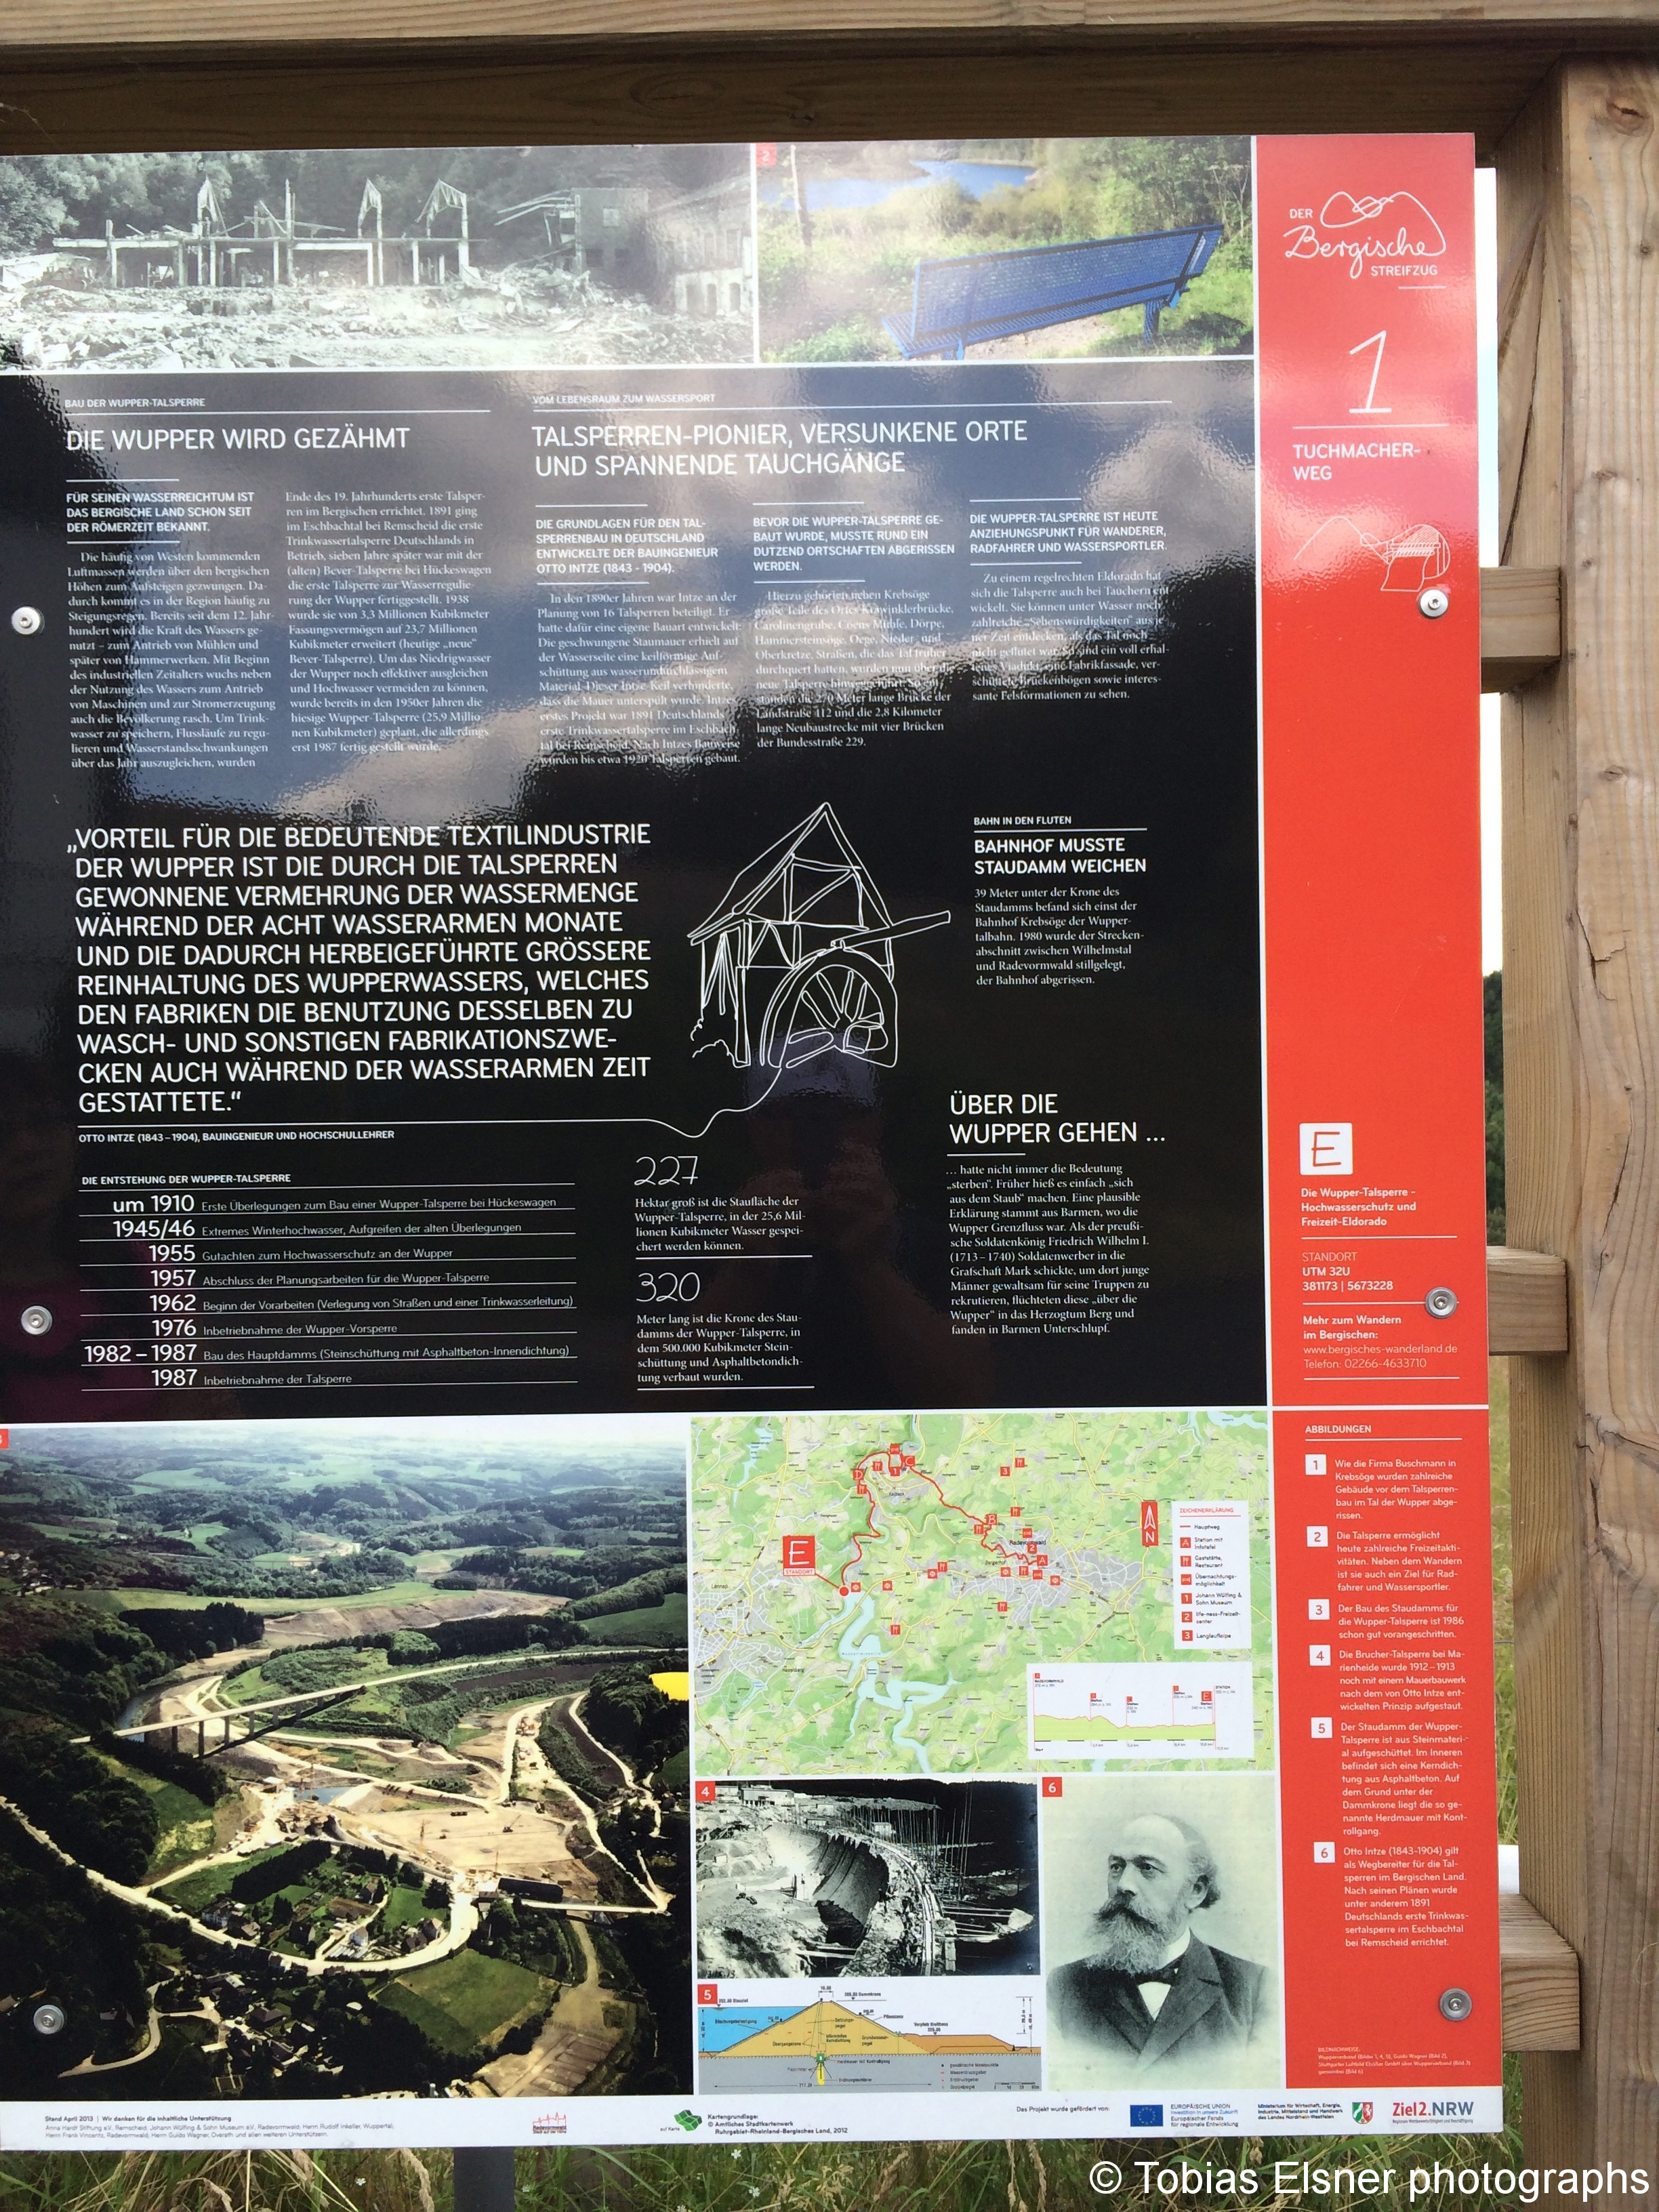 Wanderung Wald Wasser Wolle Weg Radevormwald 2014 Nr.73